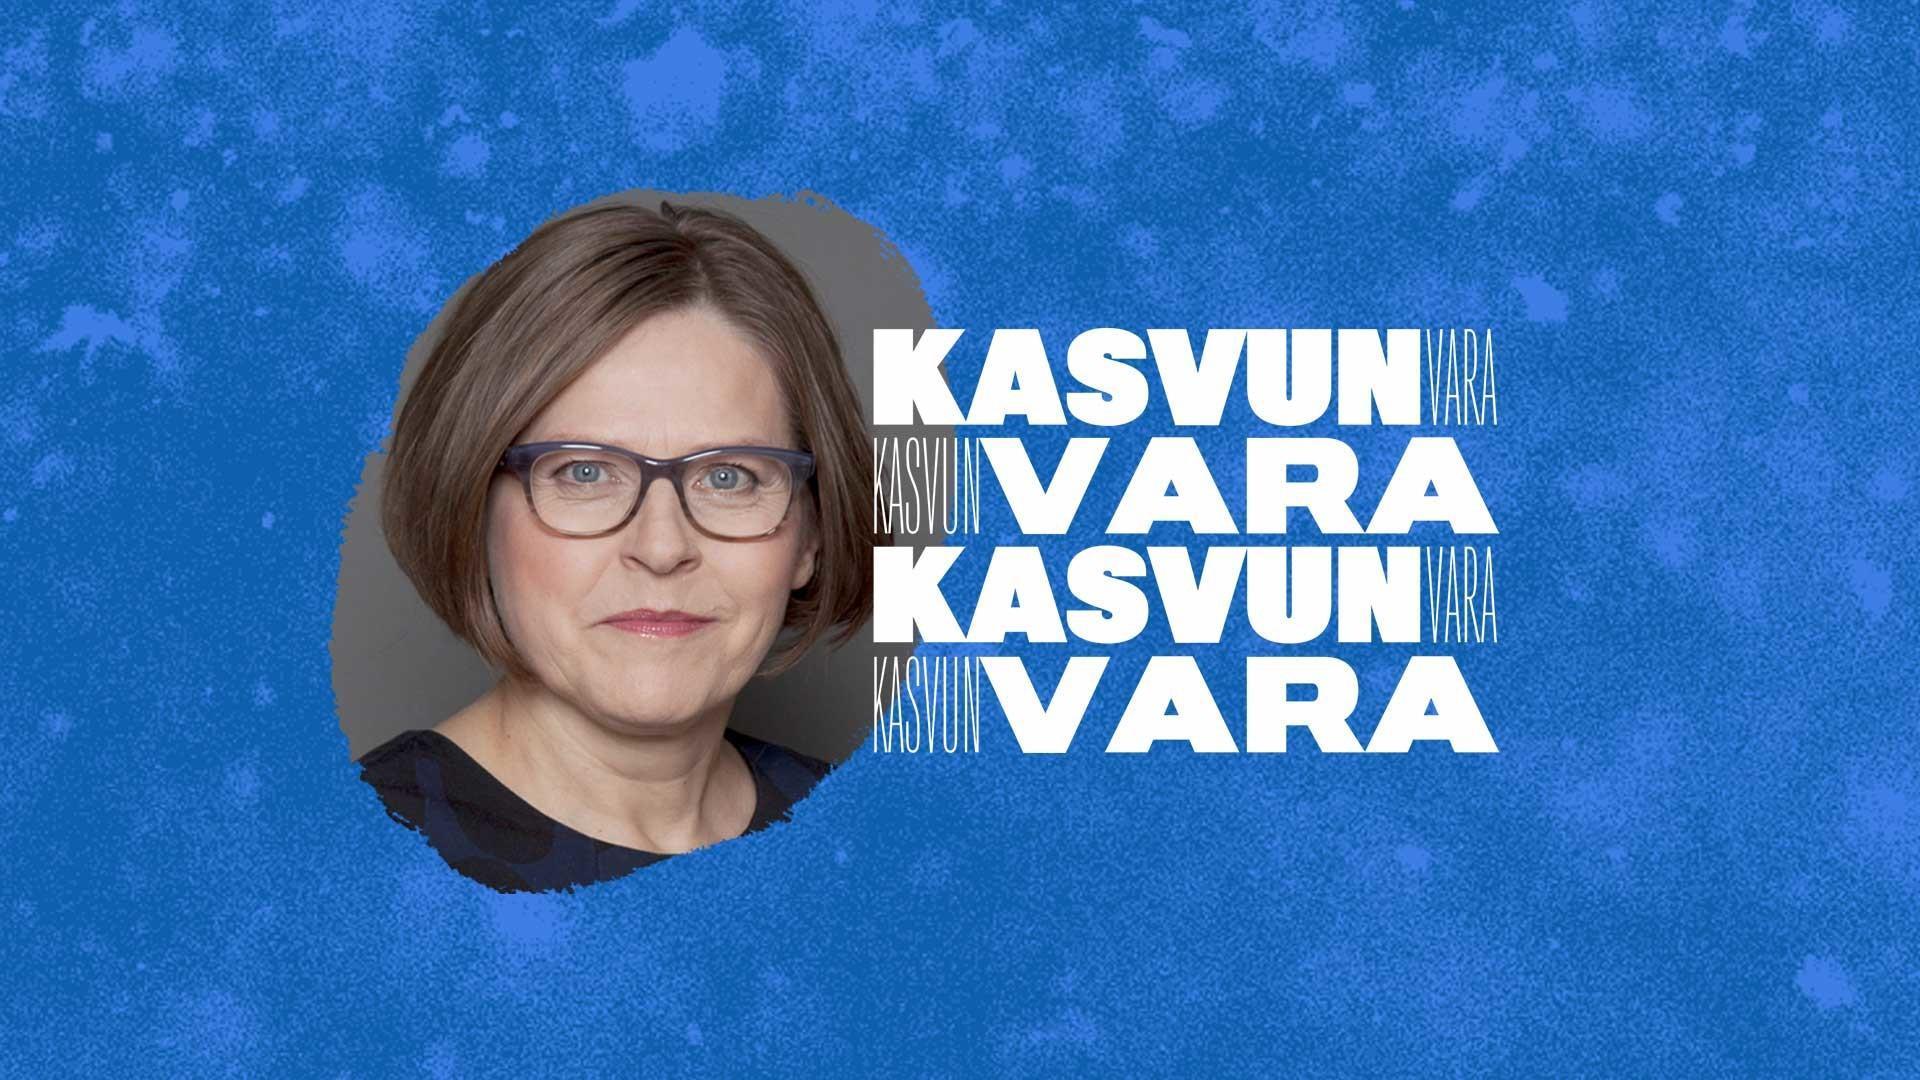 Heidi Hautala uskoo, että yritysvastuudirektiivi muuttaa yritysten pelikentän. Hautala puhui aiheesta Kaskas Median Kasvunvara-tilaisuudessa.